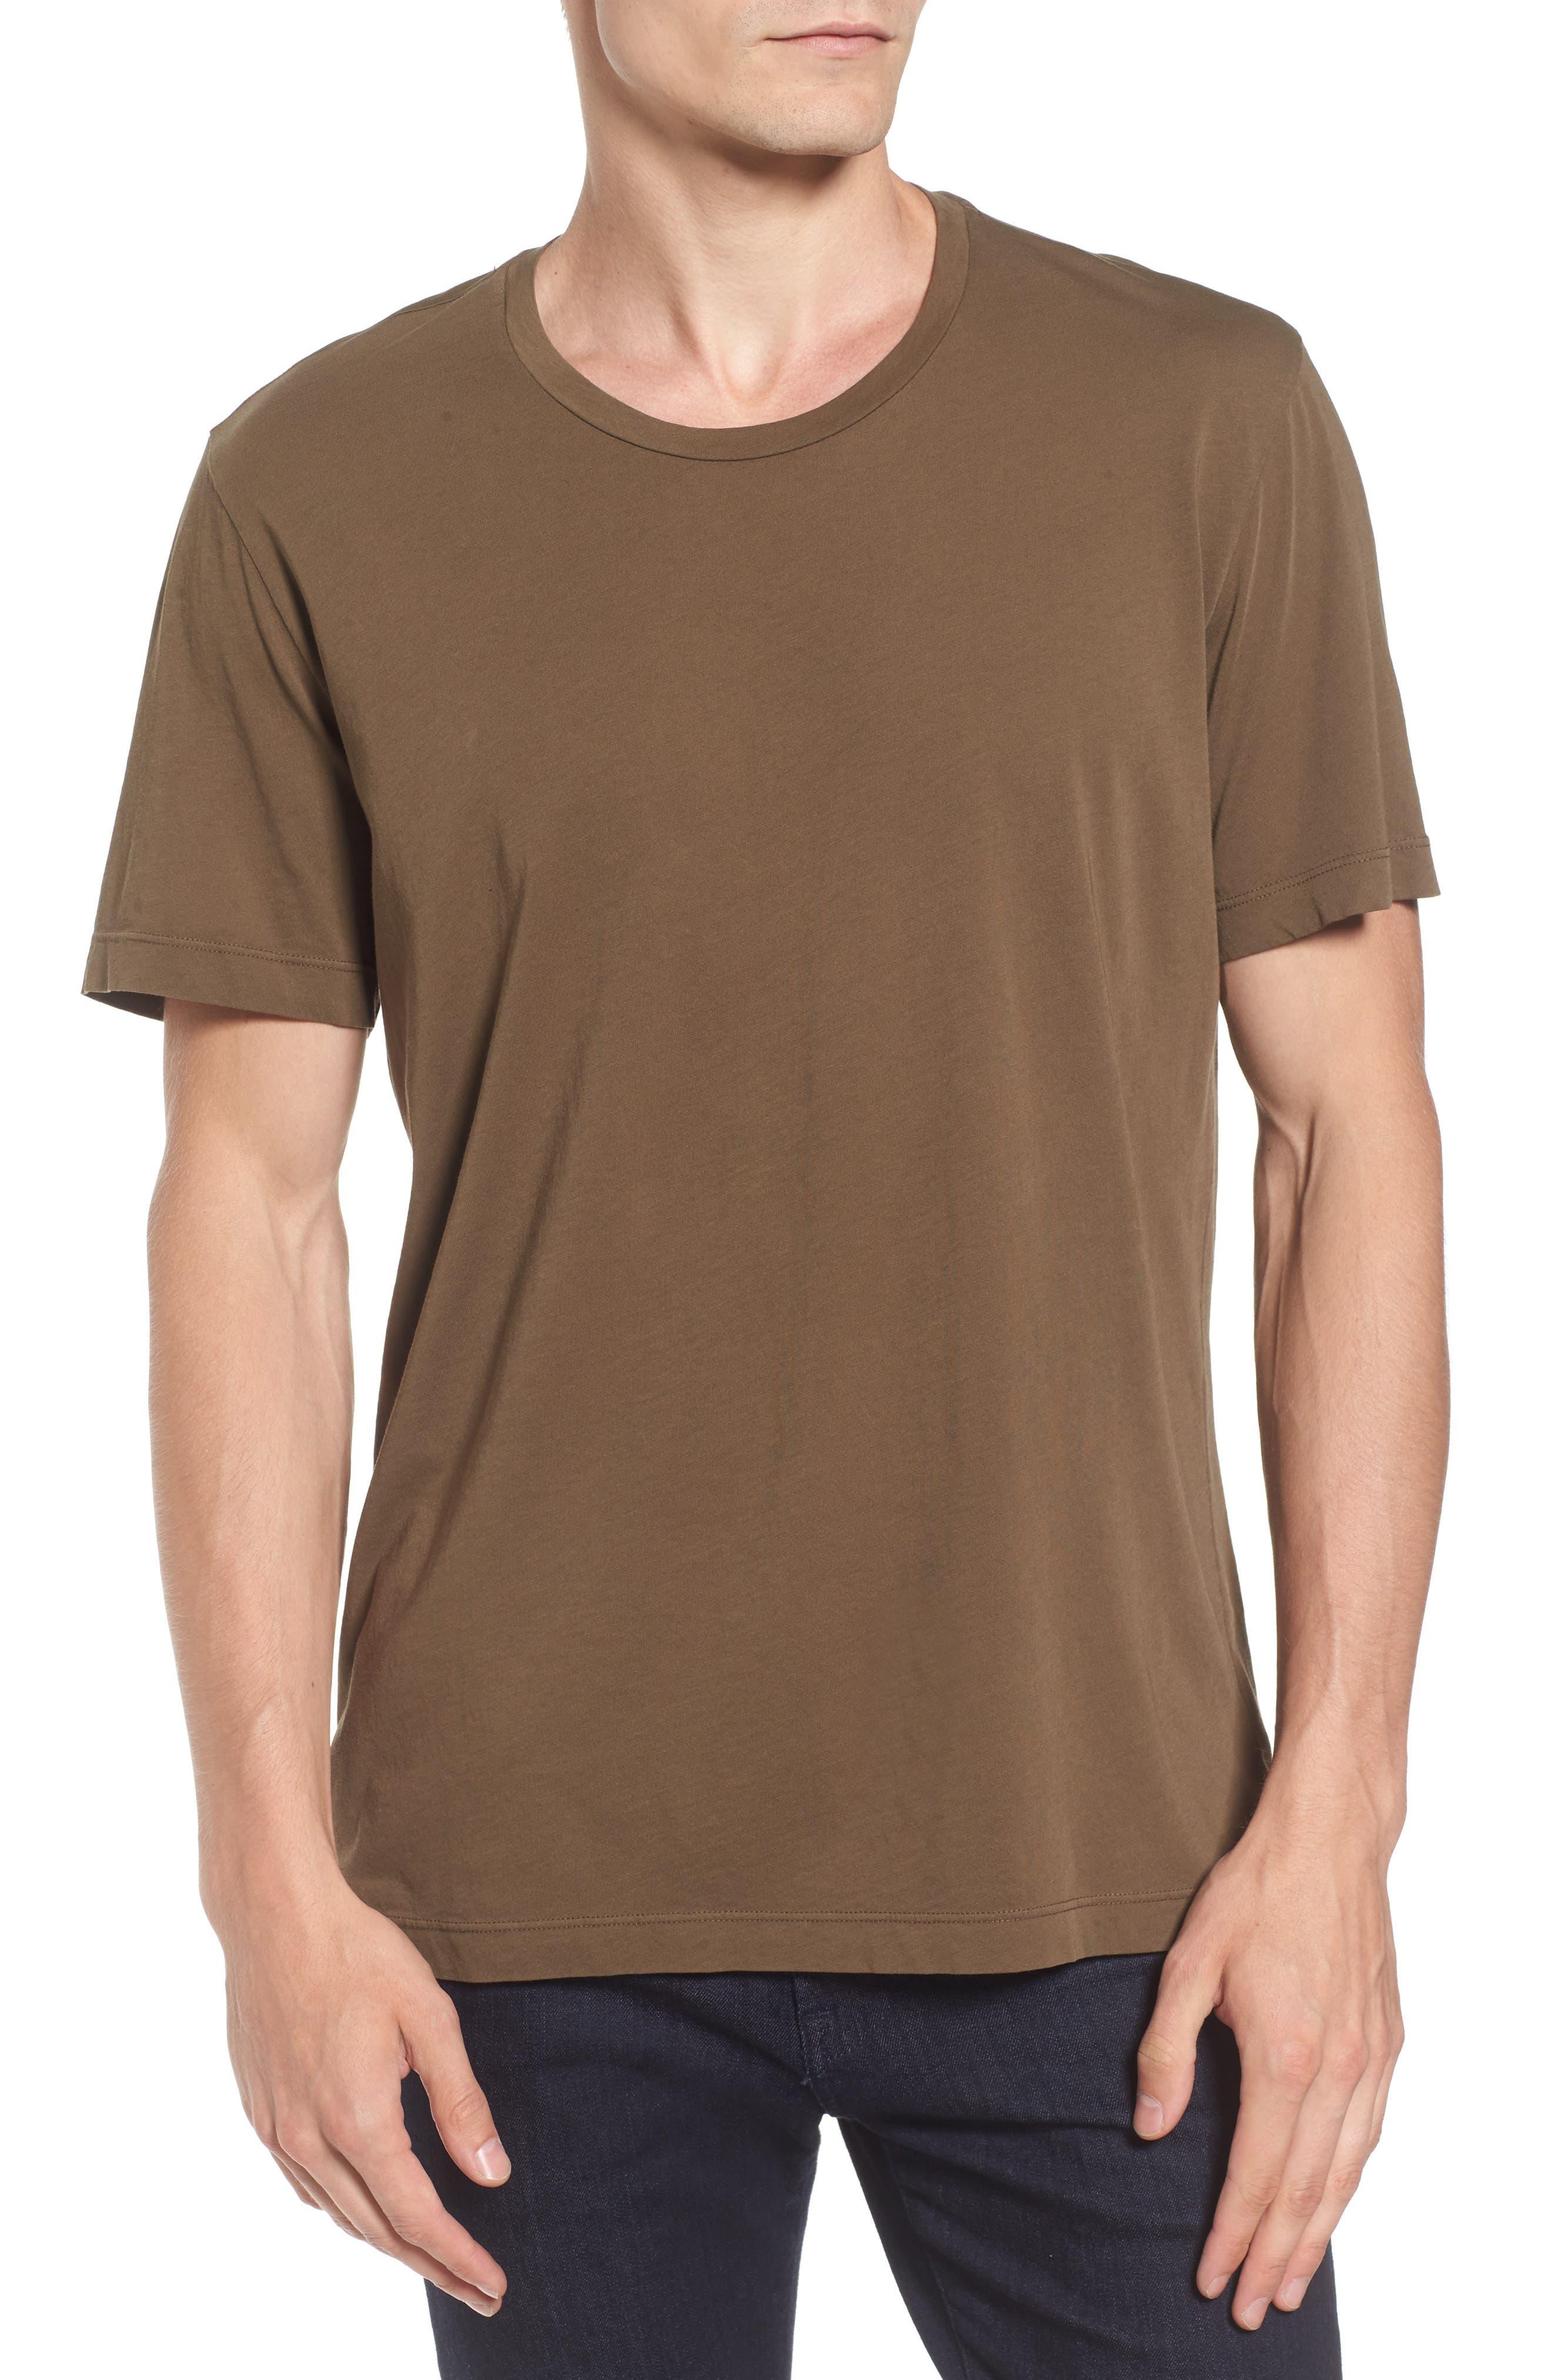 Alternate Image 1 Selected - Velvet by Graham & Spencer 'Howard' Crewneck T-Shirt